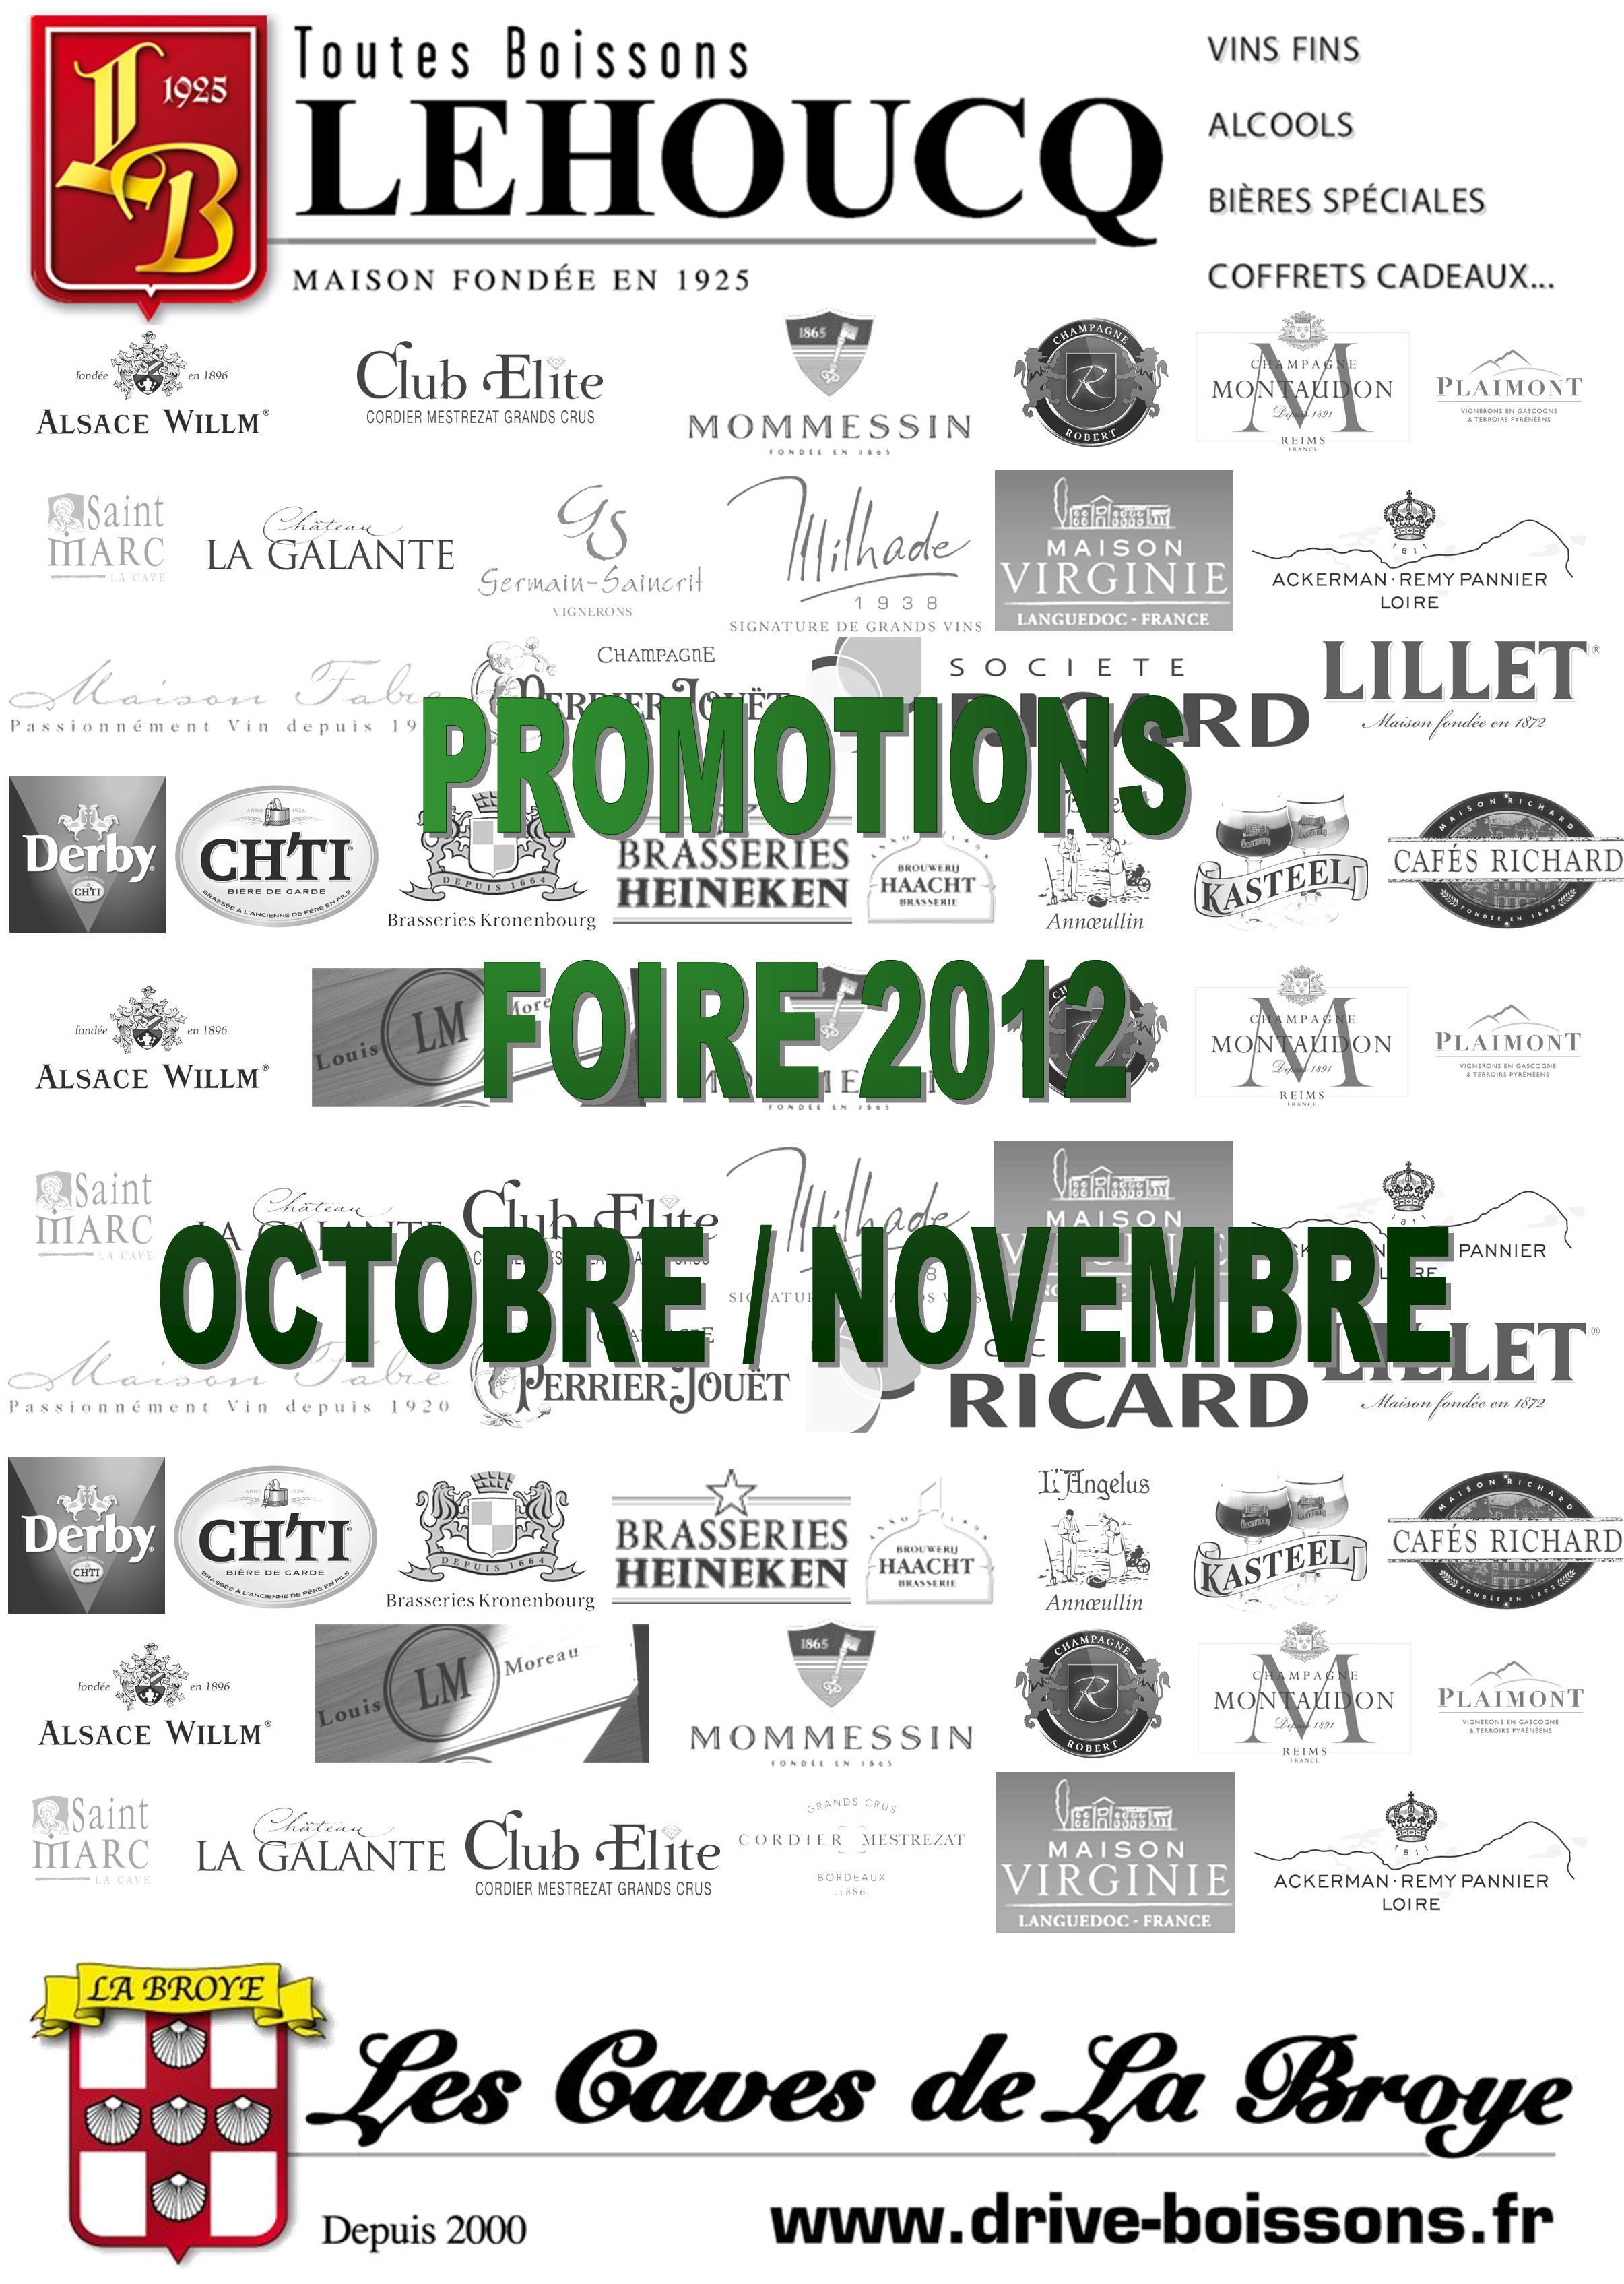 Foire aux vins casino 2012 catalogue